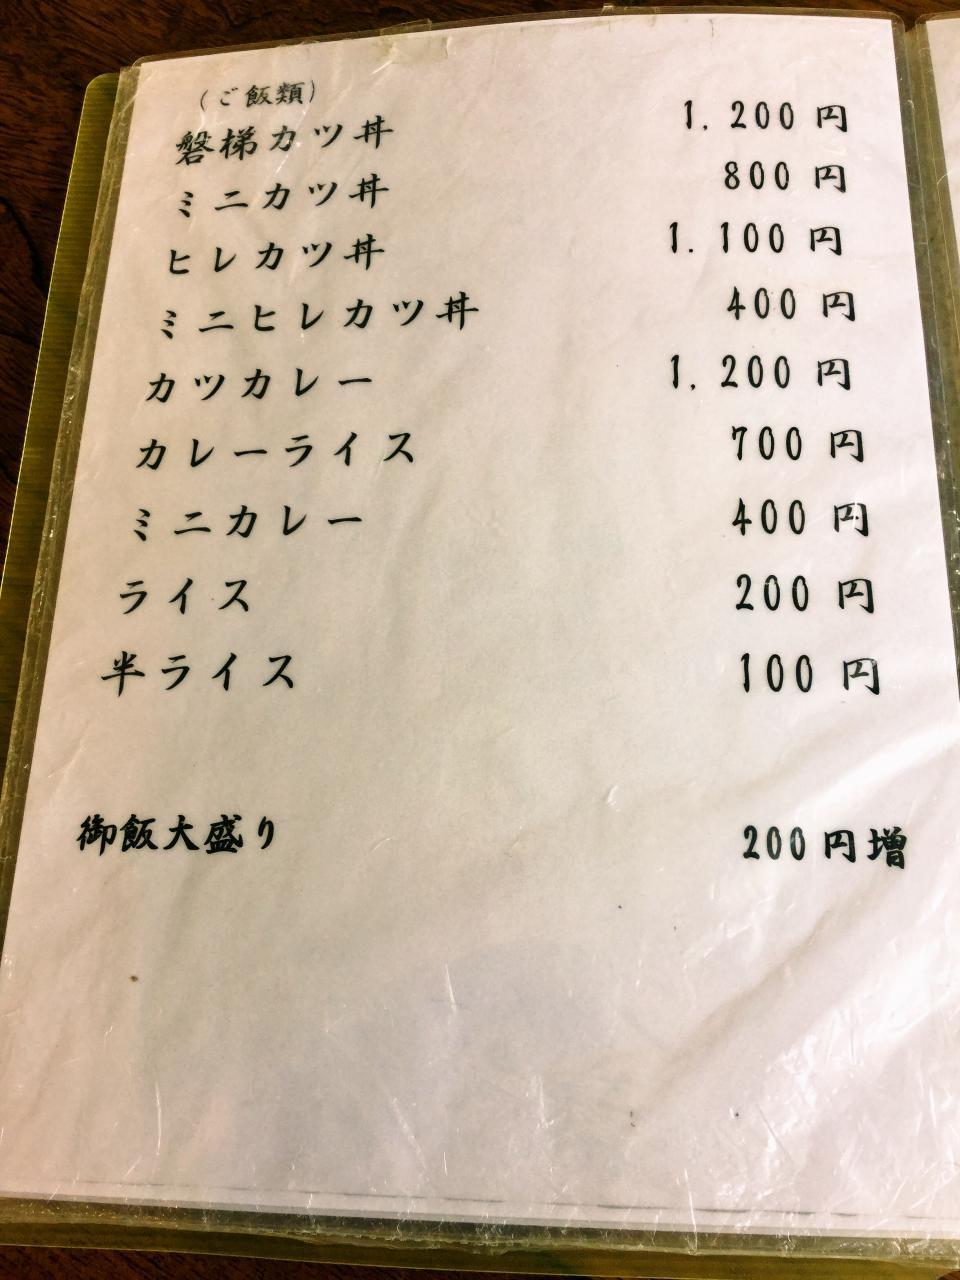 十文字屋(メニュー)